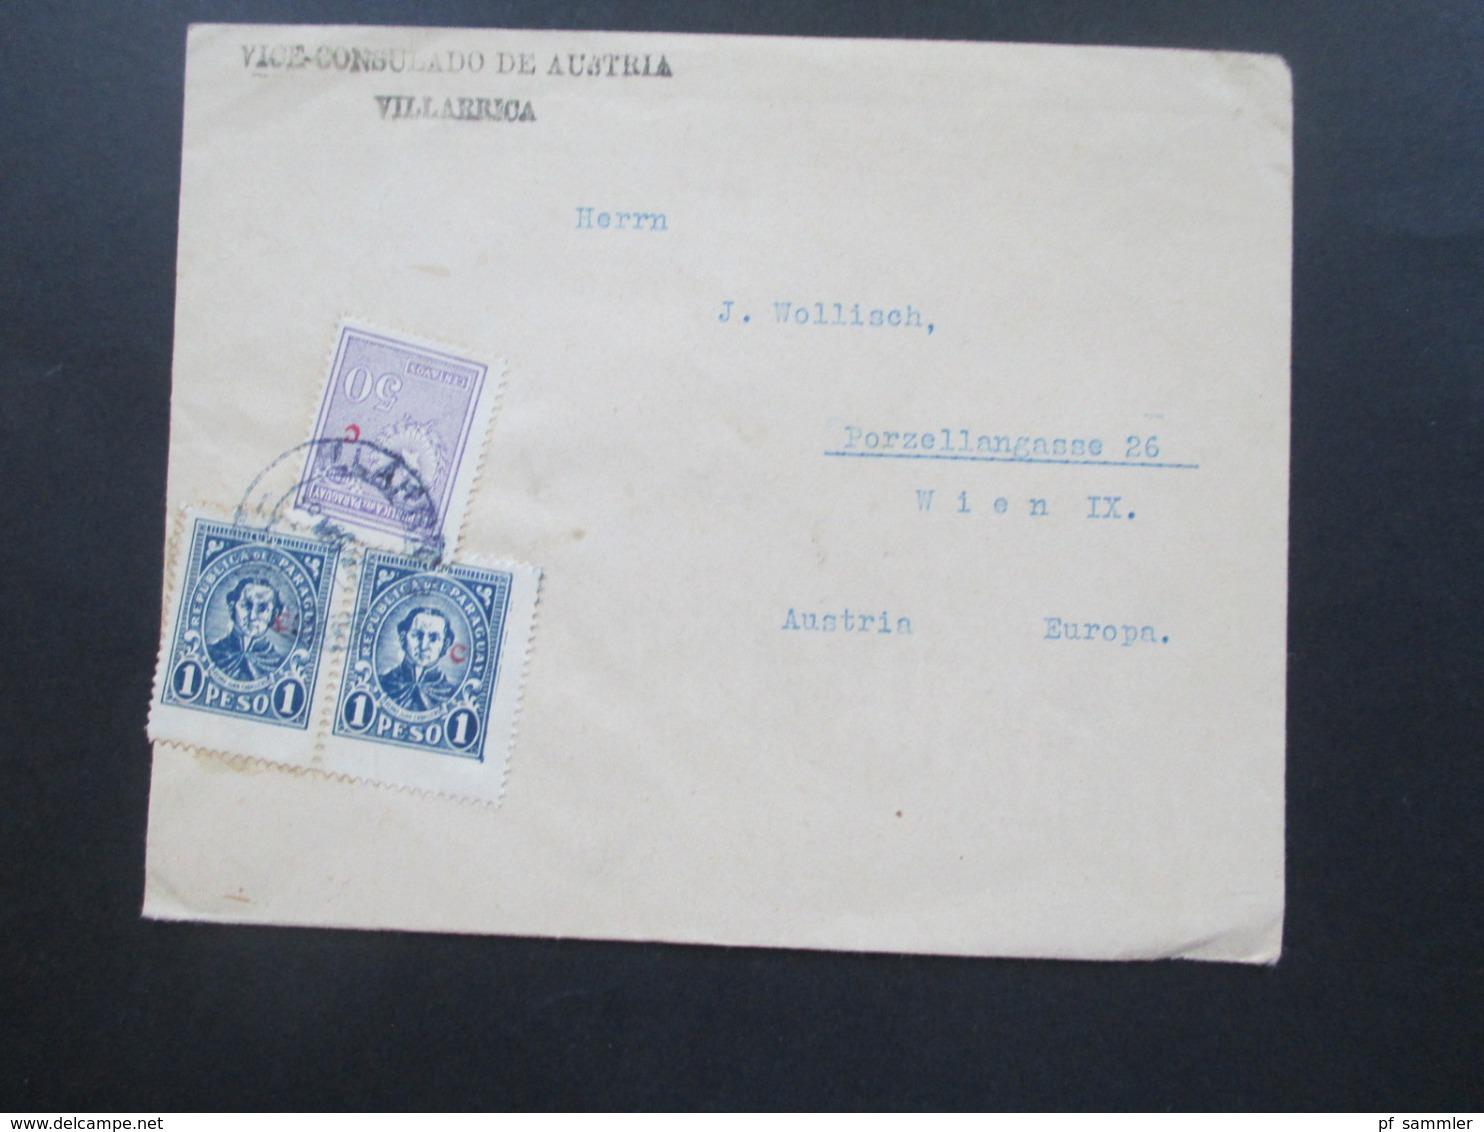 Paraguay Beleg Des Vice Consulado De Austri Villarrica - Wien 3 Marken Mit Aufdruck Kleines Rotes C 1930er Jahre - Paraguay